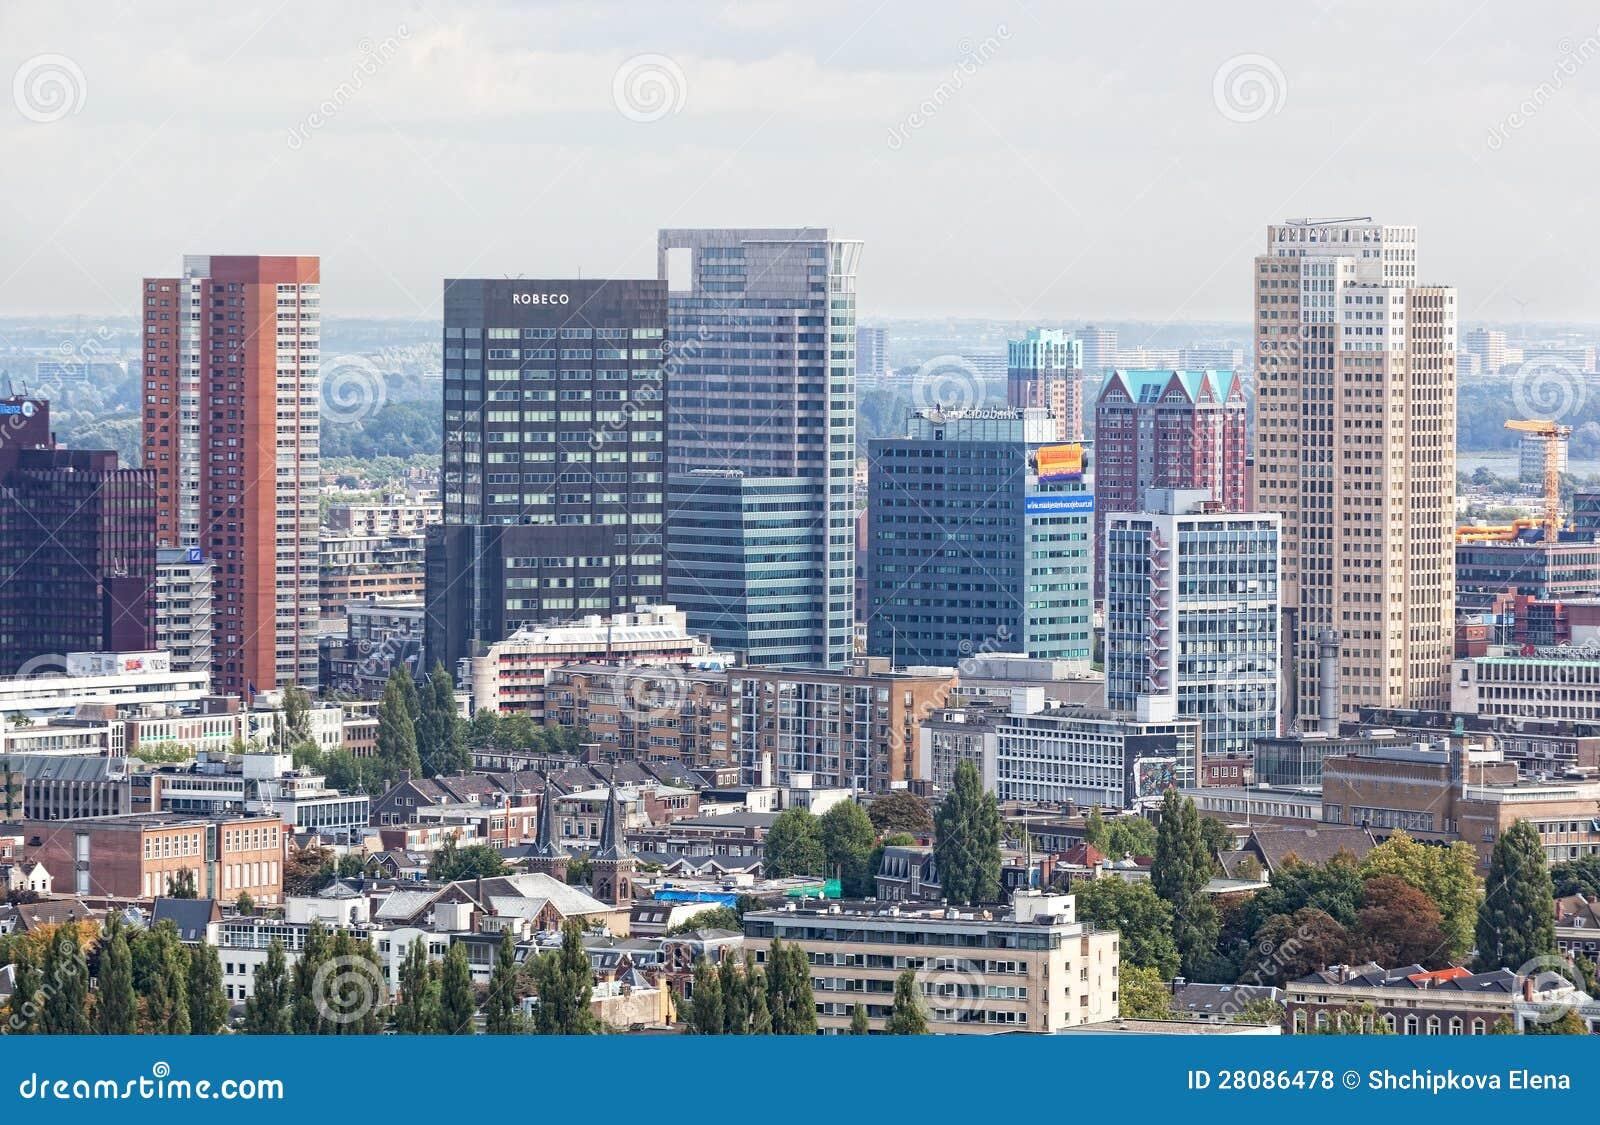 Город осматривает Роттердам